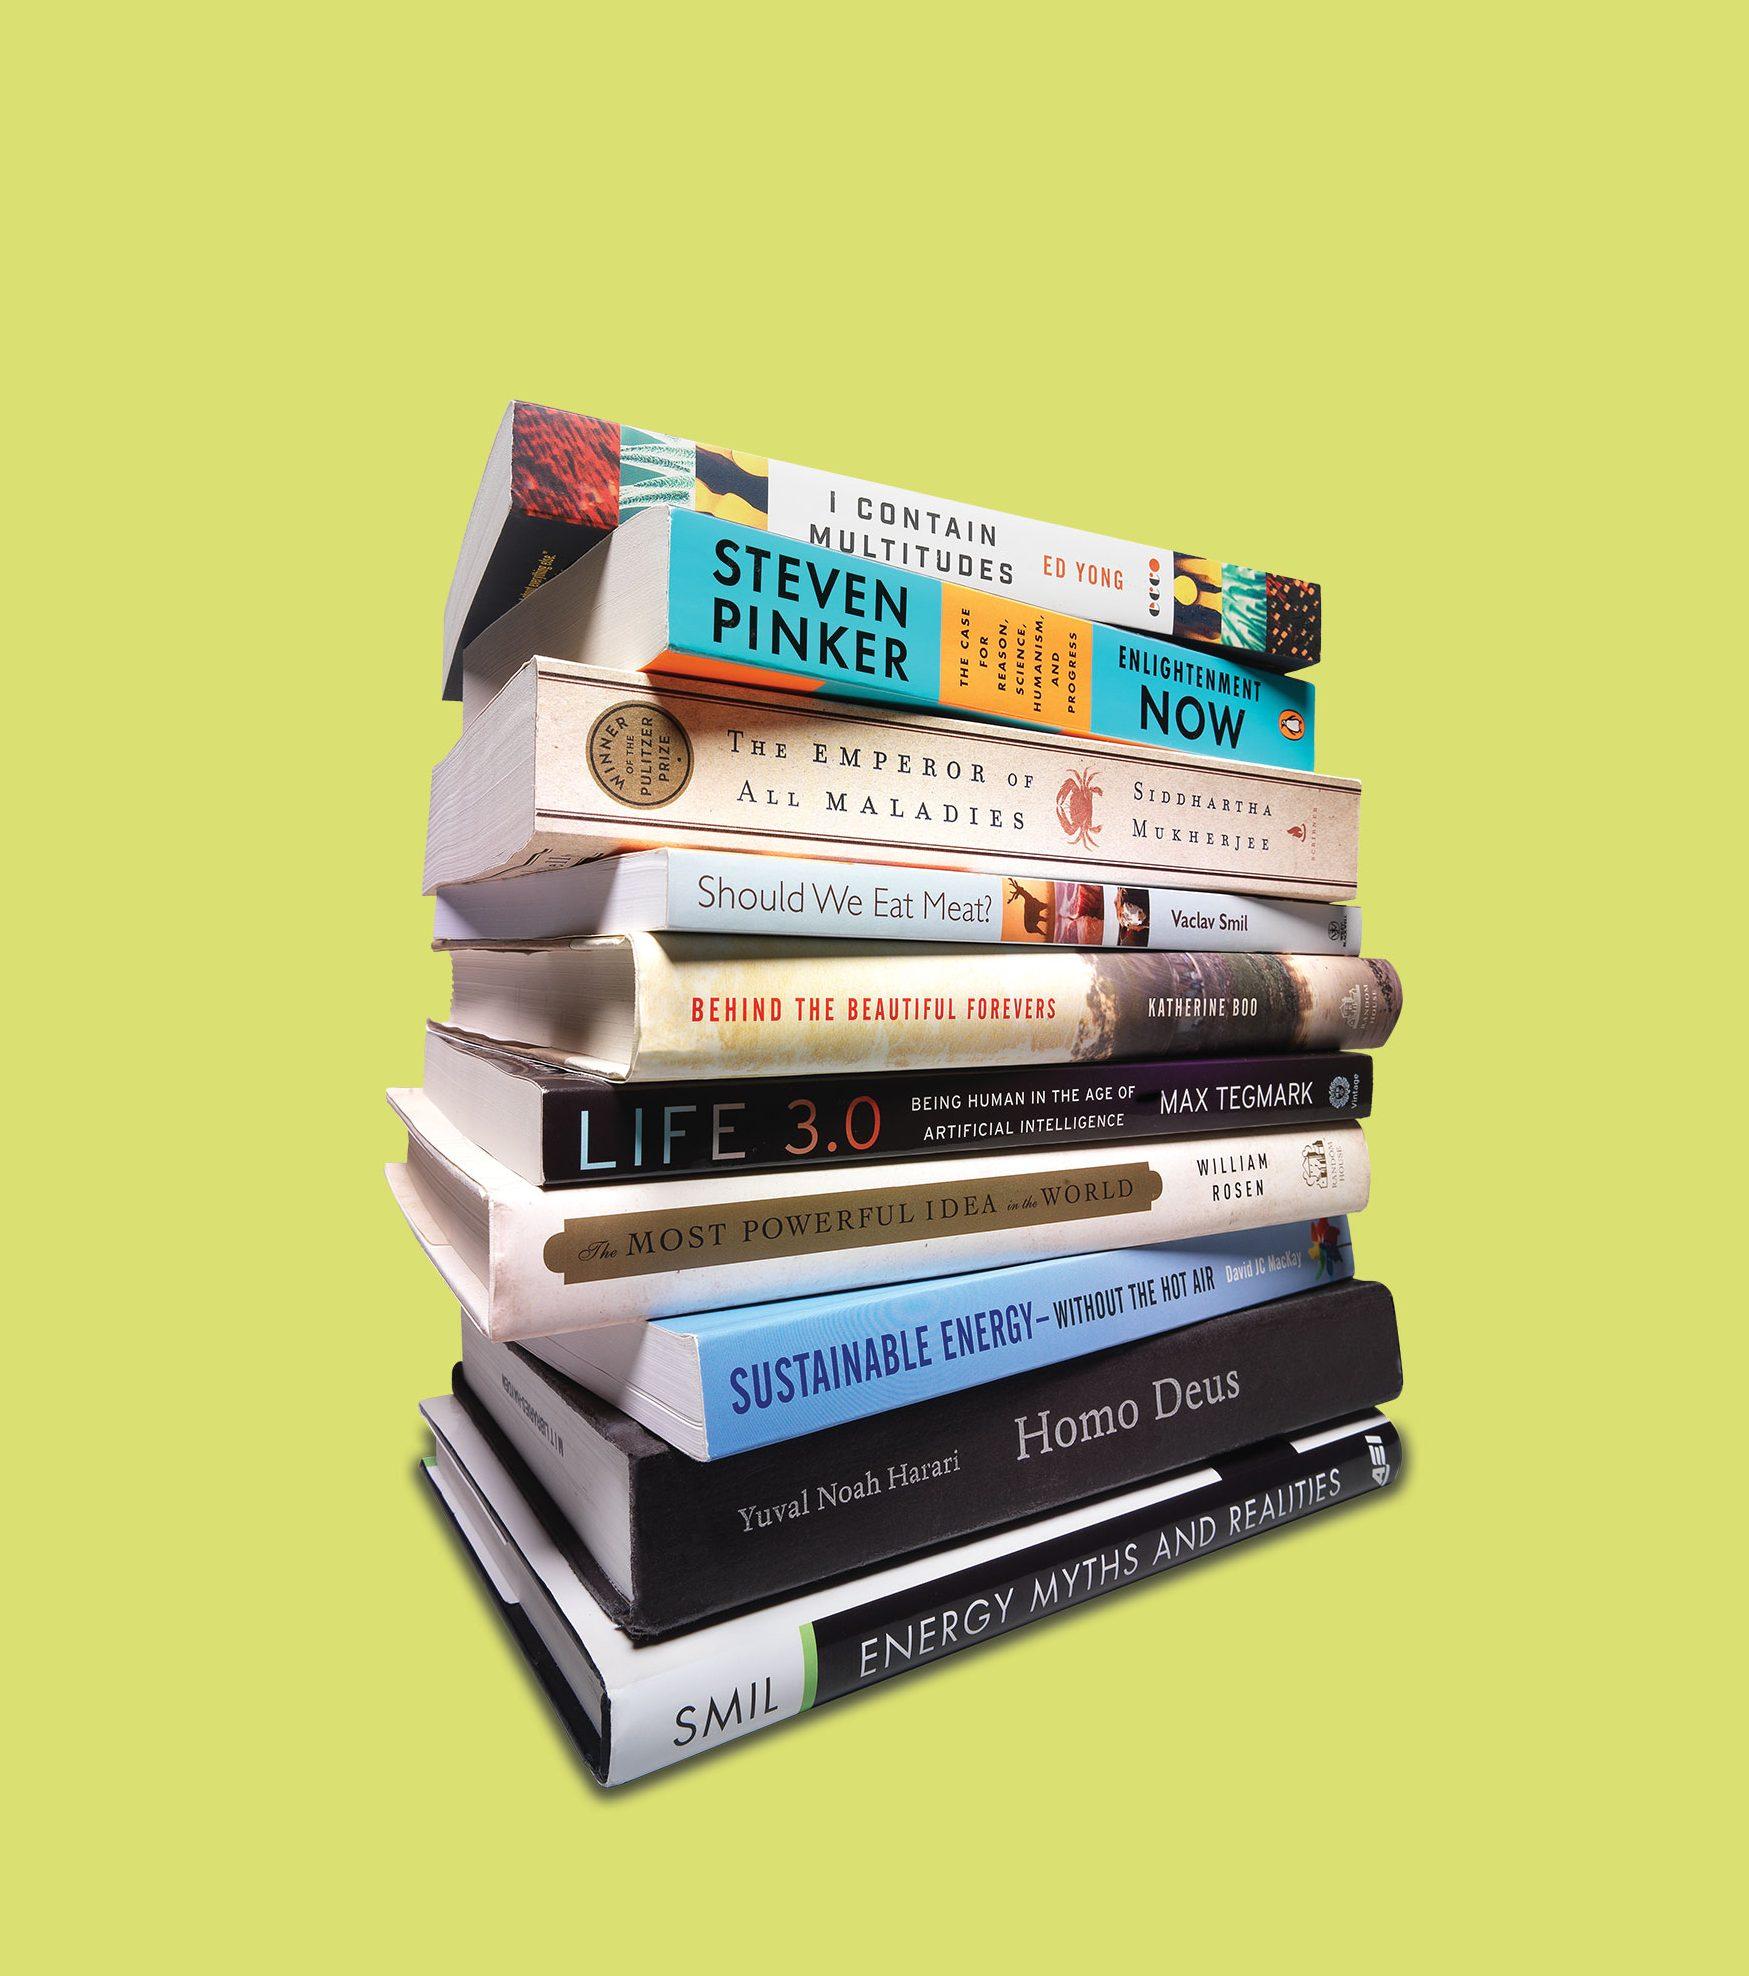 ビル・ゲイツが選んだ、いま読むべき「テクノロジー書」10冊